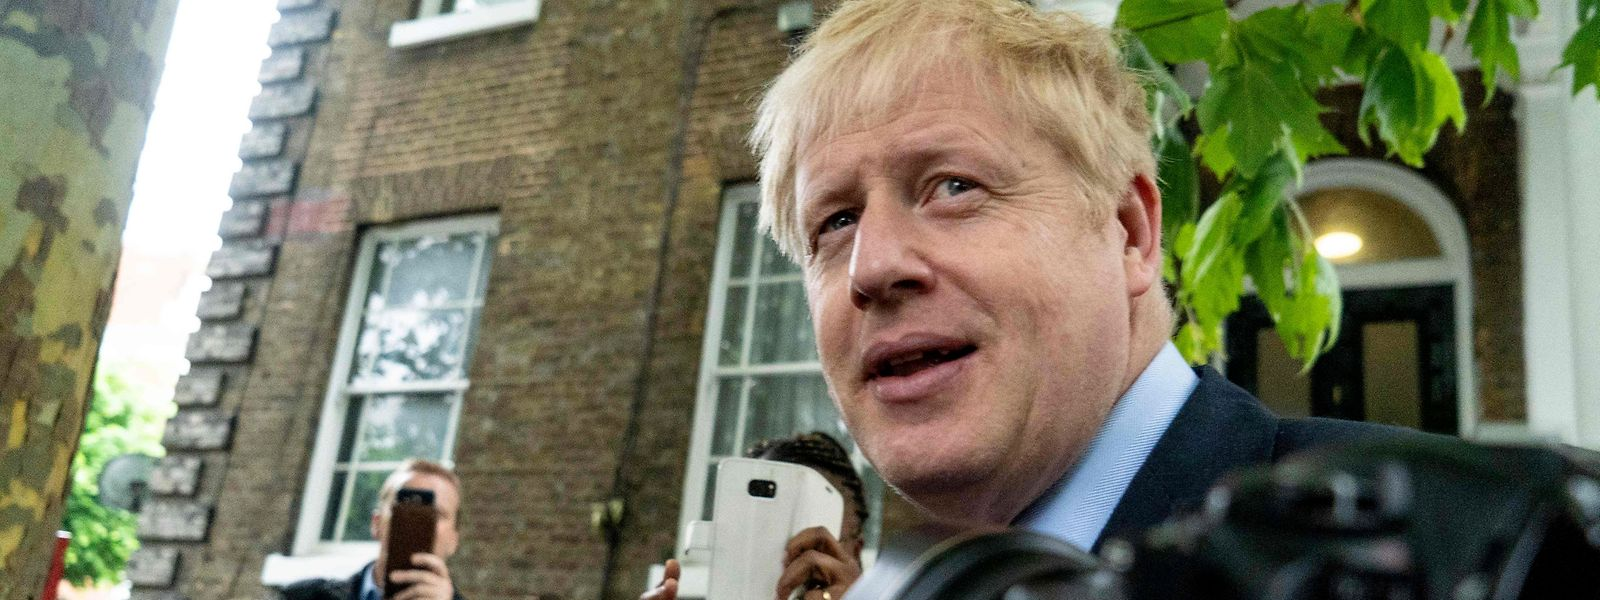 Johnson ist laut Umfragen unangefochtener Spitzenreiter in der Gunst der Parteibasis.